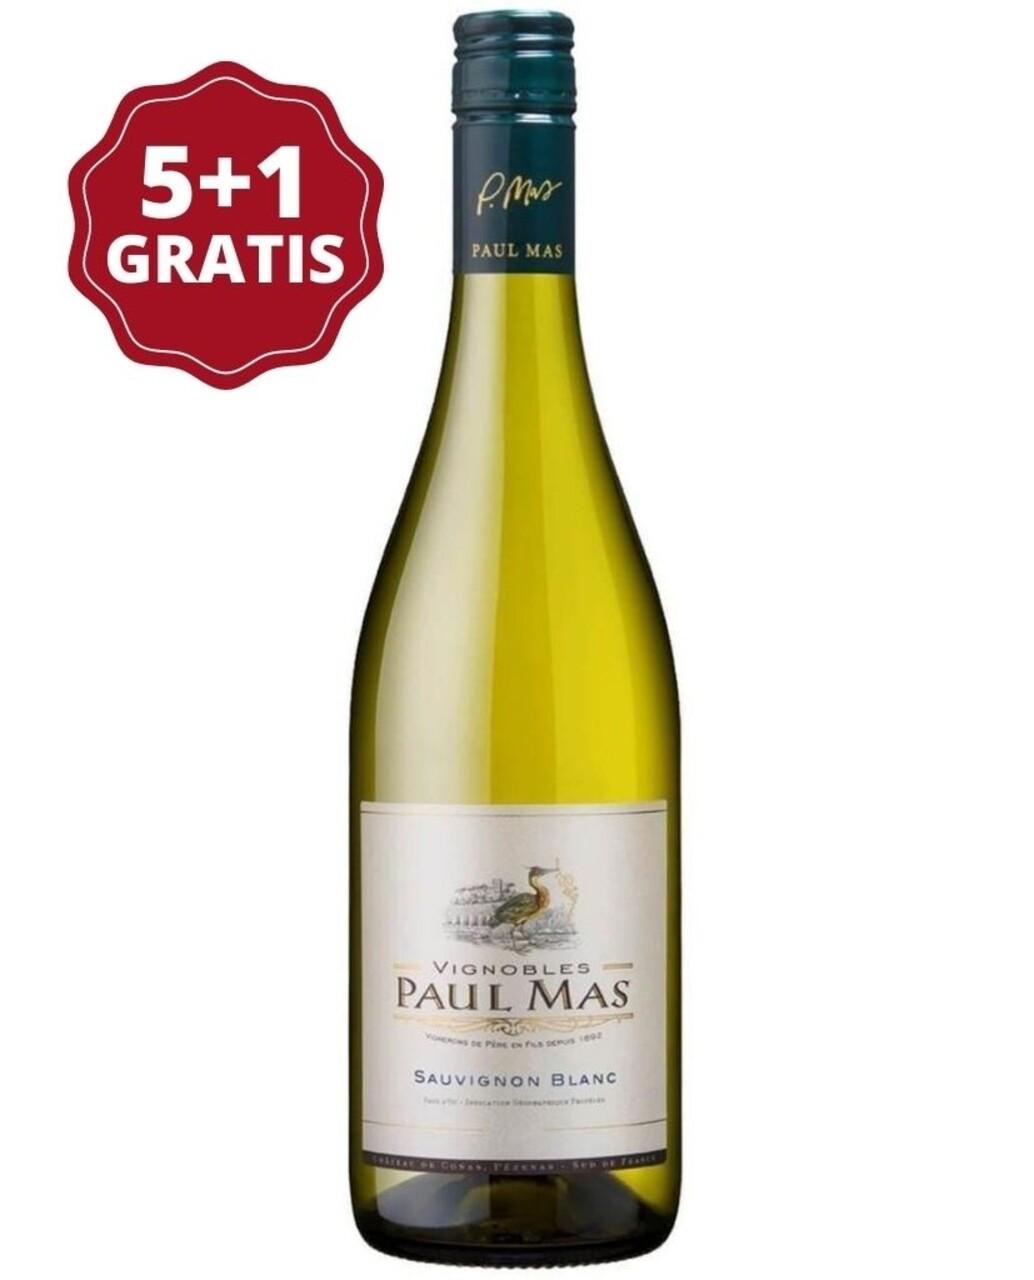 Paul Mas Sauvignon Blanc 5+1